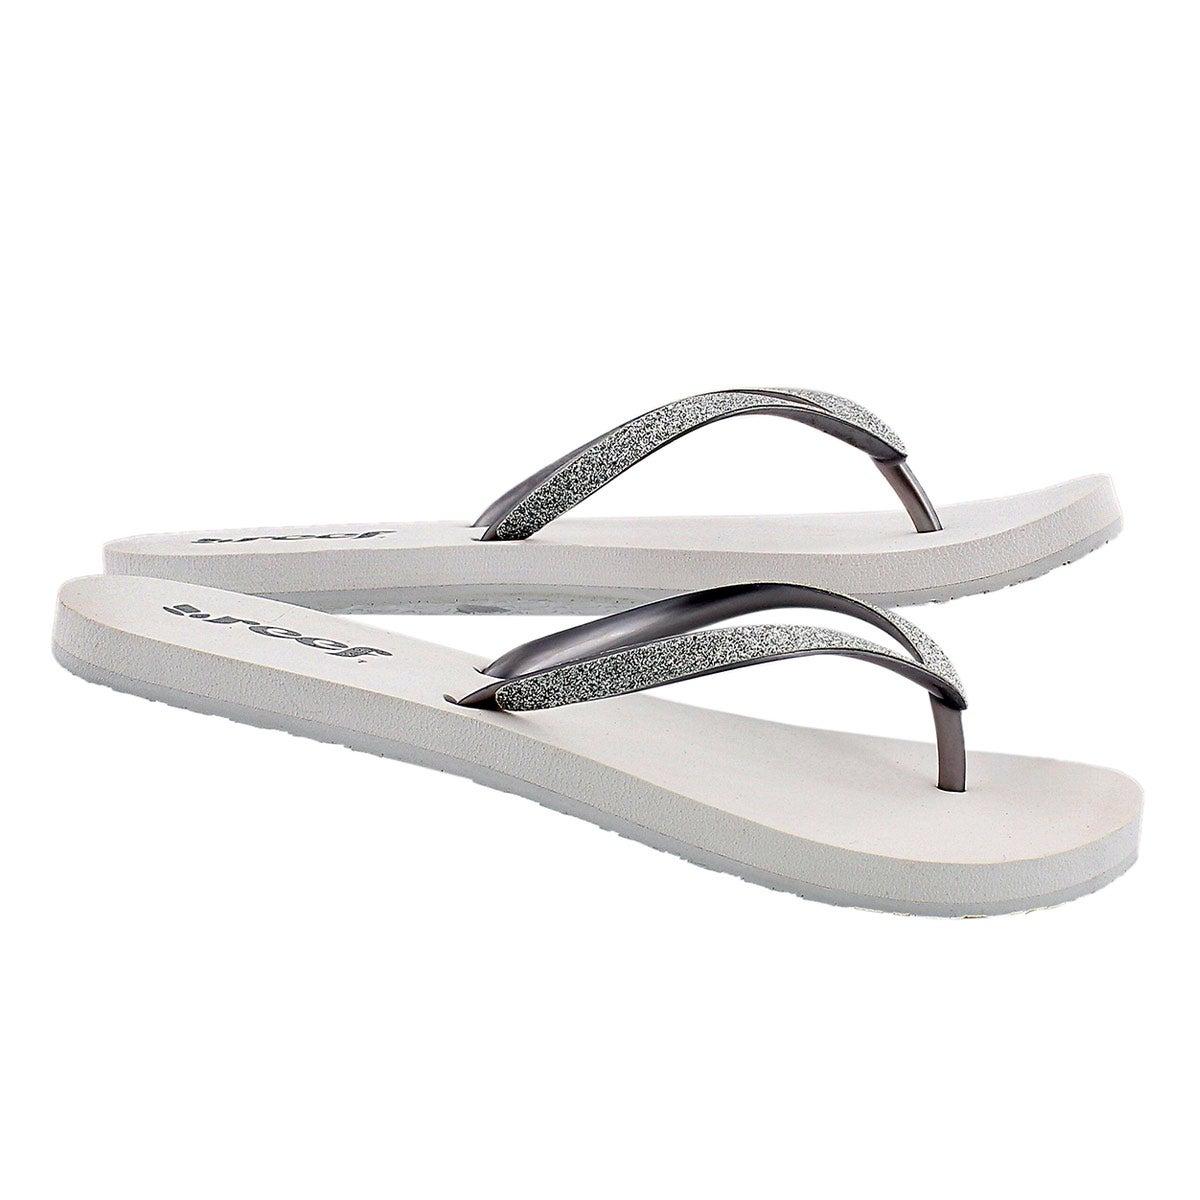 Sandale tong STARGAZER, blanc/arg., fem